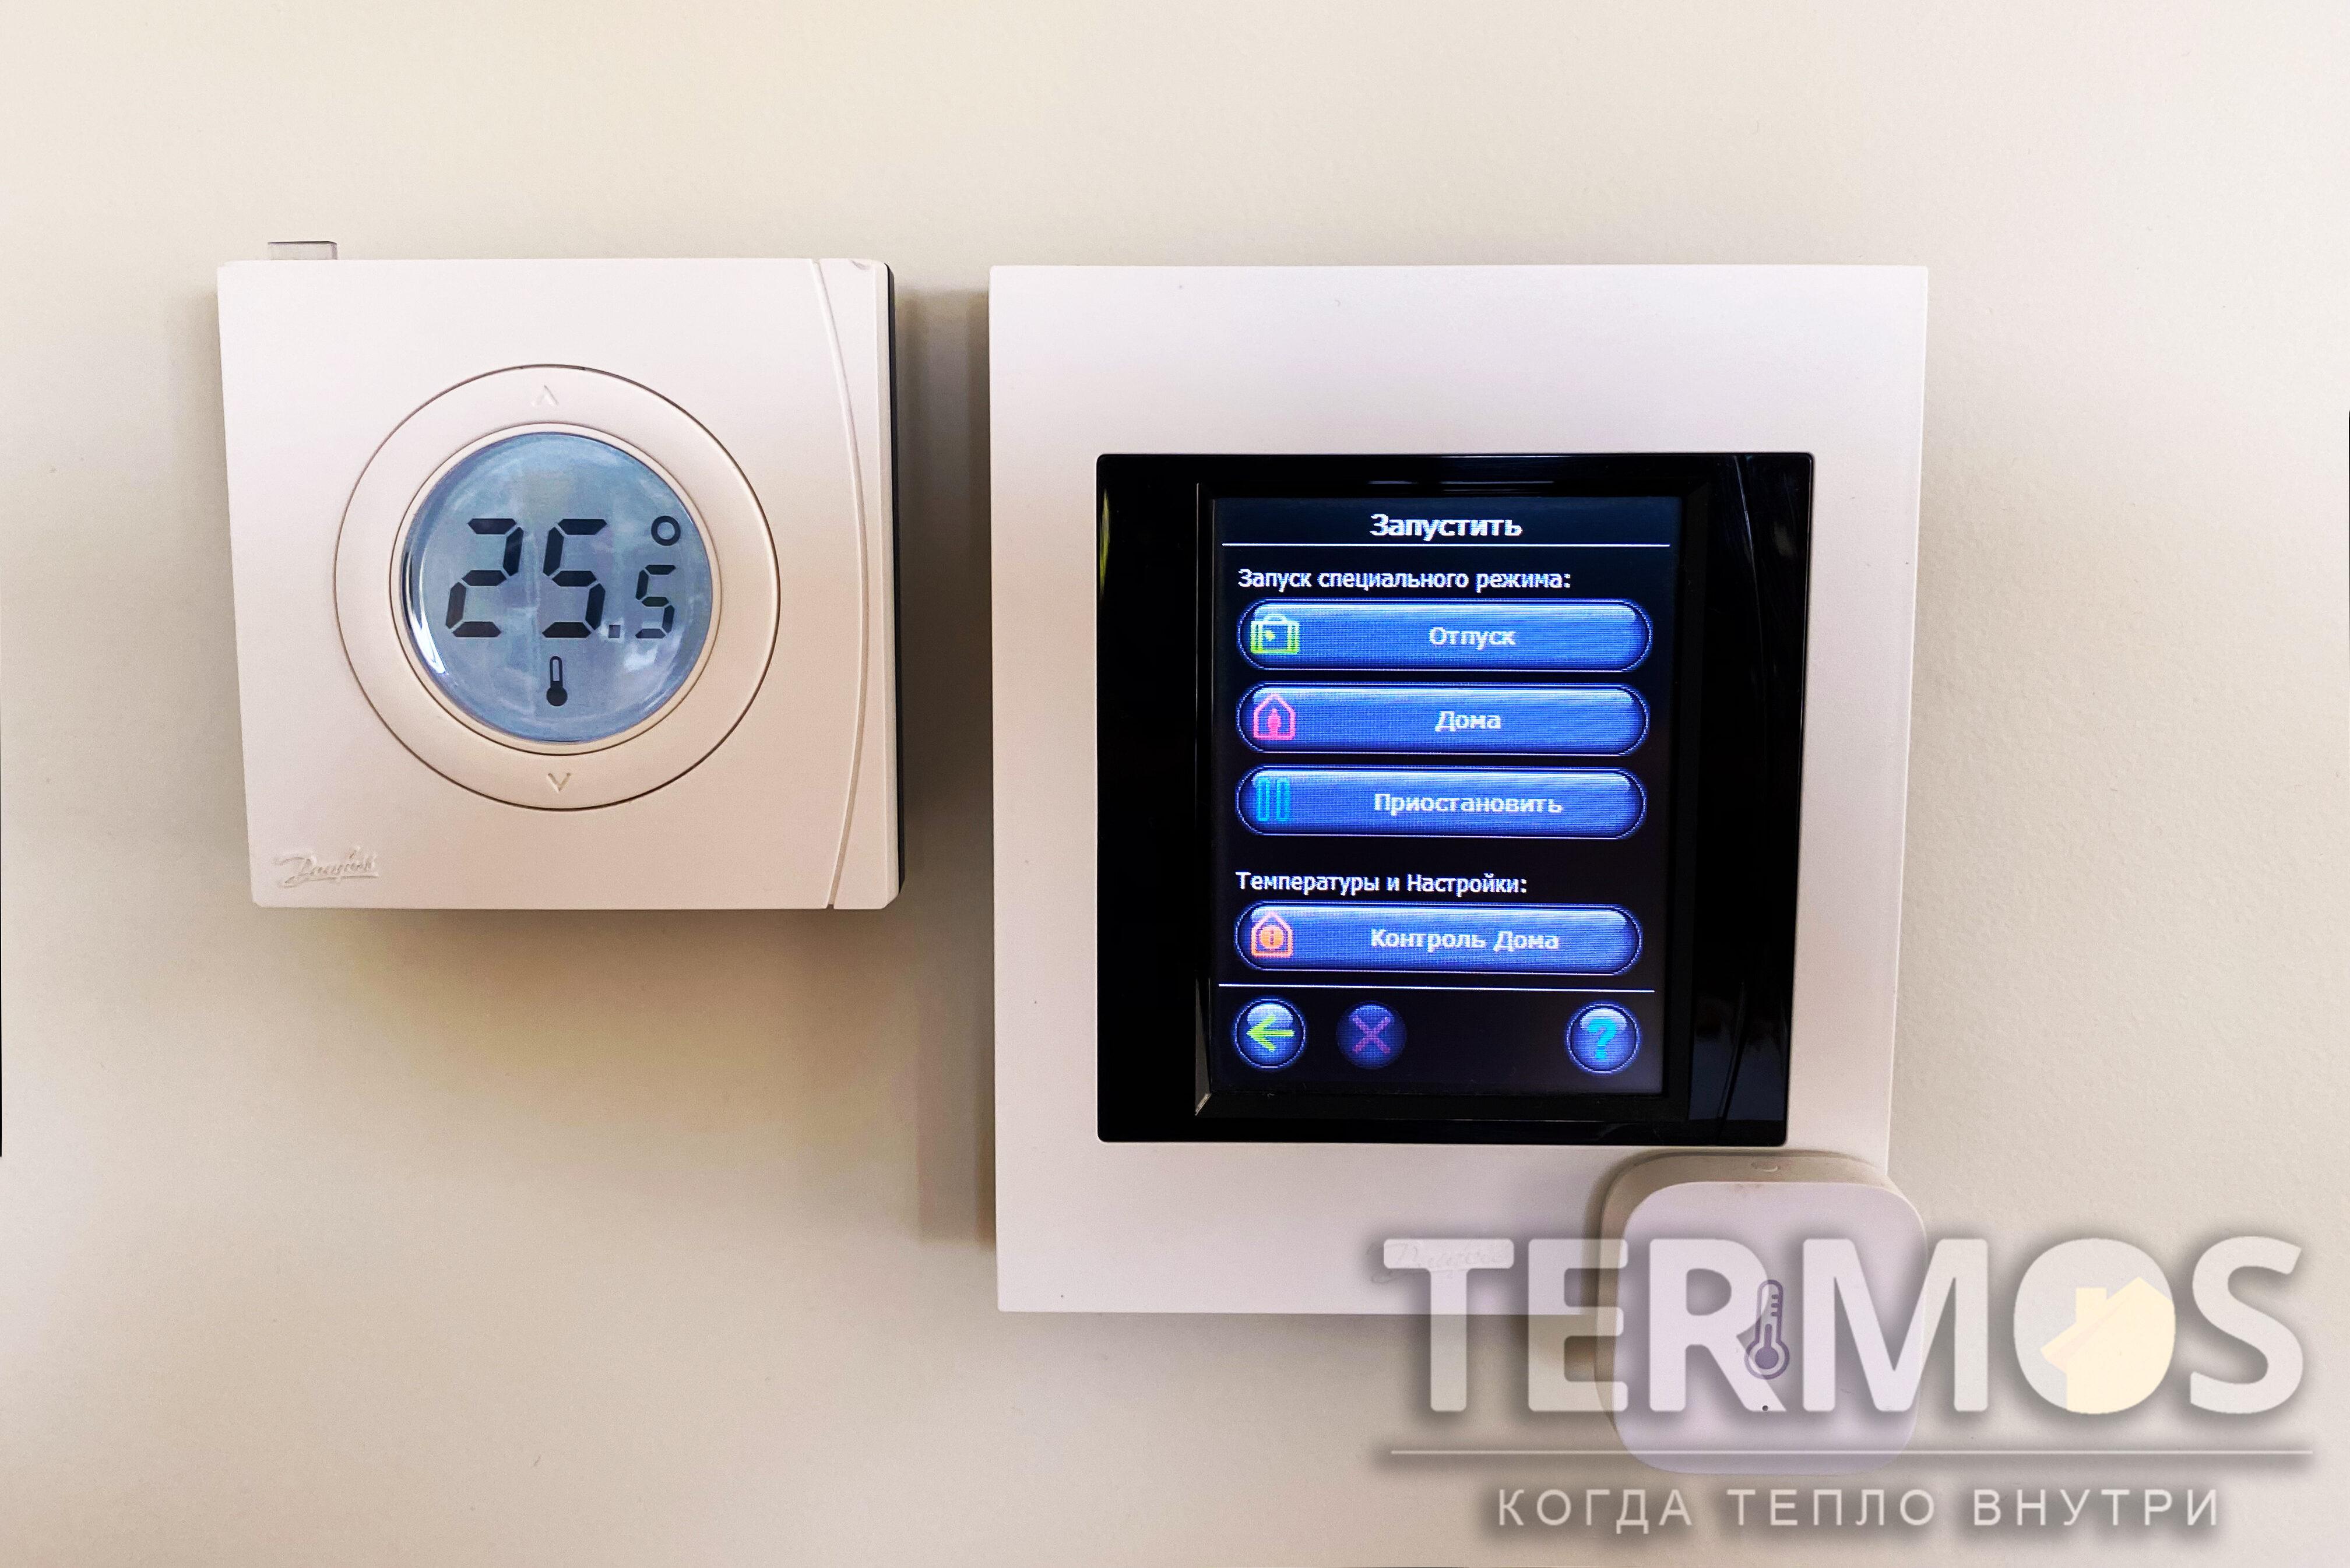 Безпроводная система управления температурами в каждой комнате Danfoss Link. Производит комплексное управление радиаторами, теплым полом, котлом, поддерживая заданную пользователем температуру в каждом помещении. Возможно изменение температур по программам или по одновременному изменению исходя из наличия людей в квартире